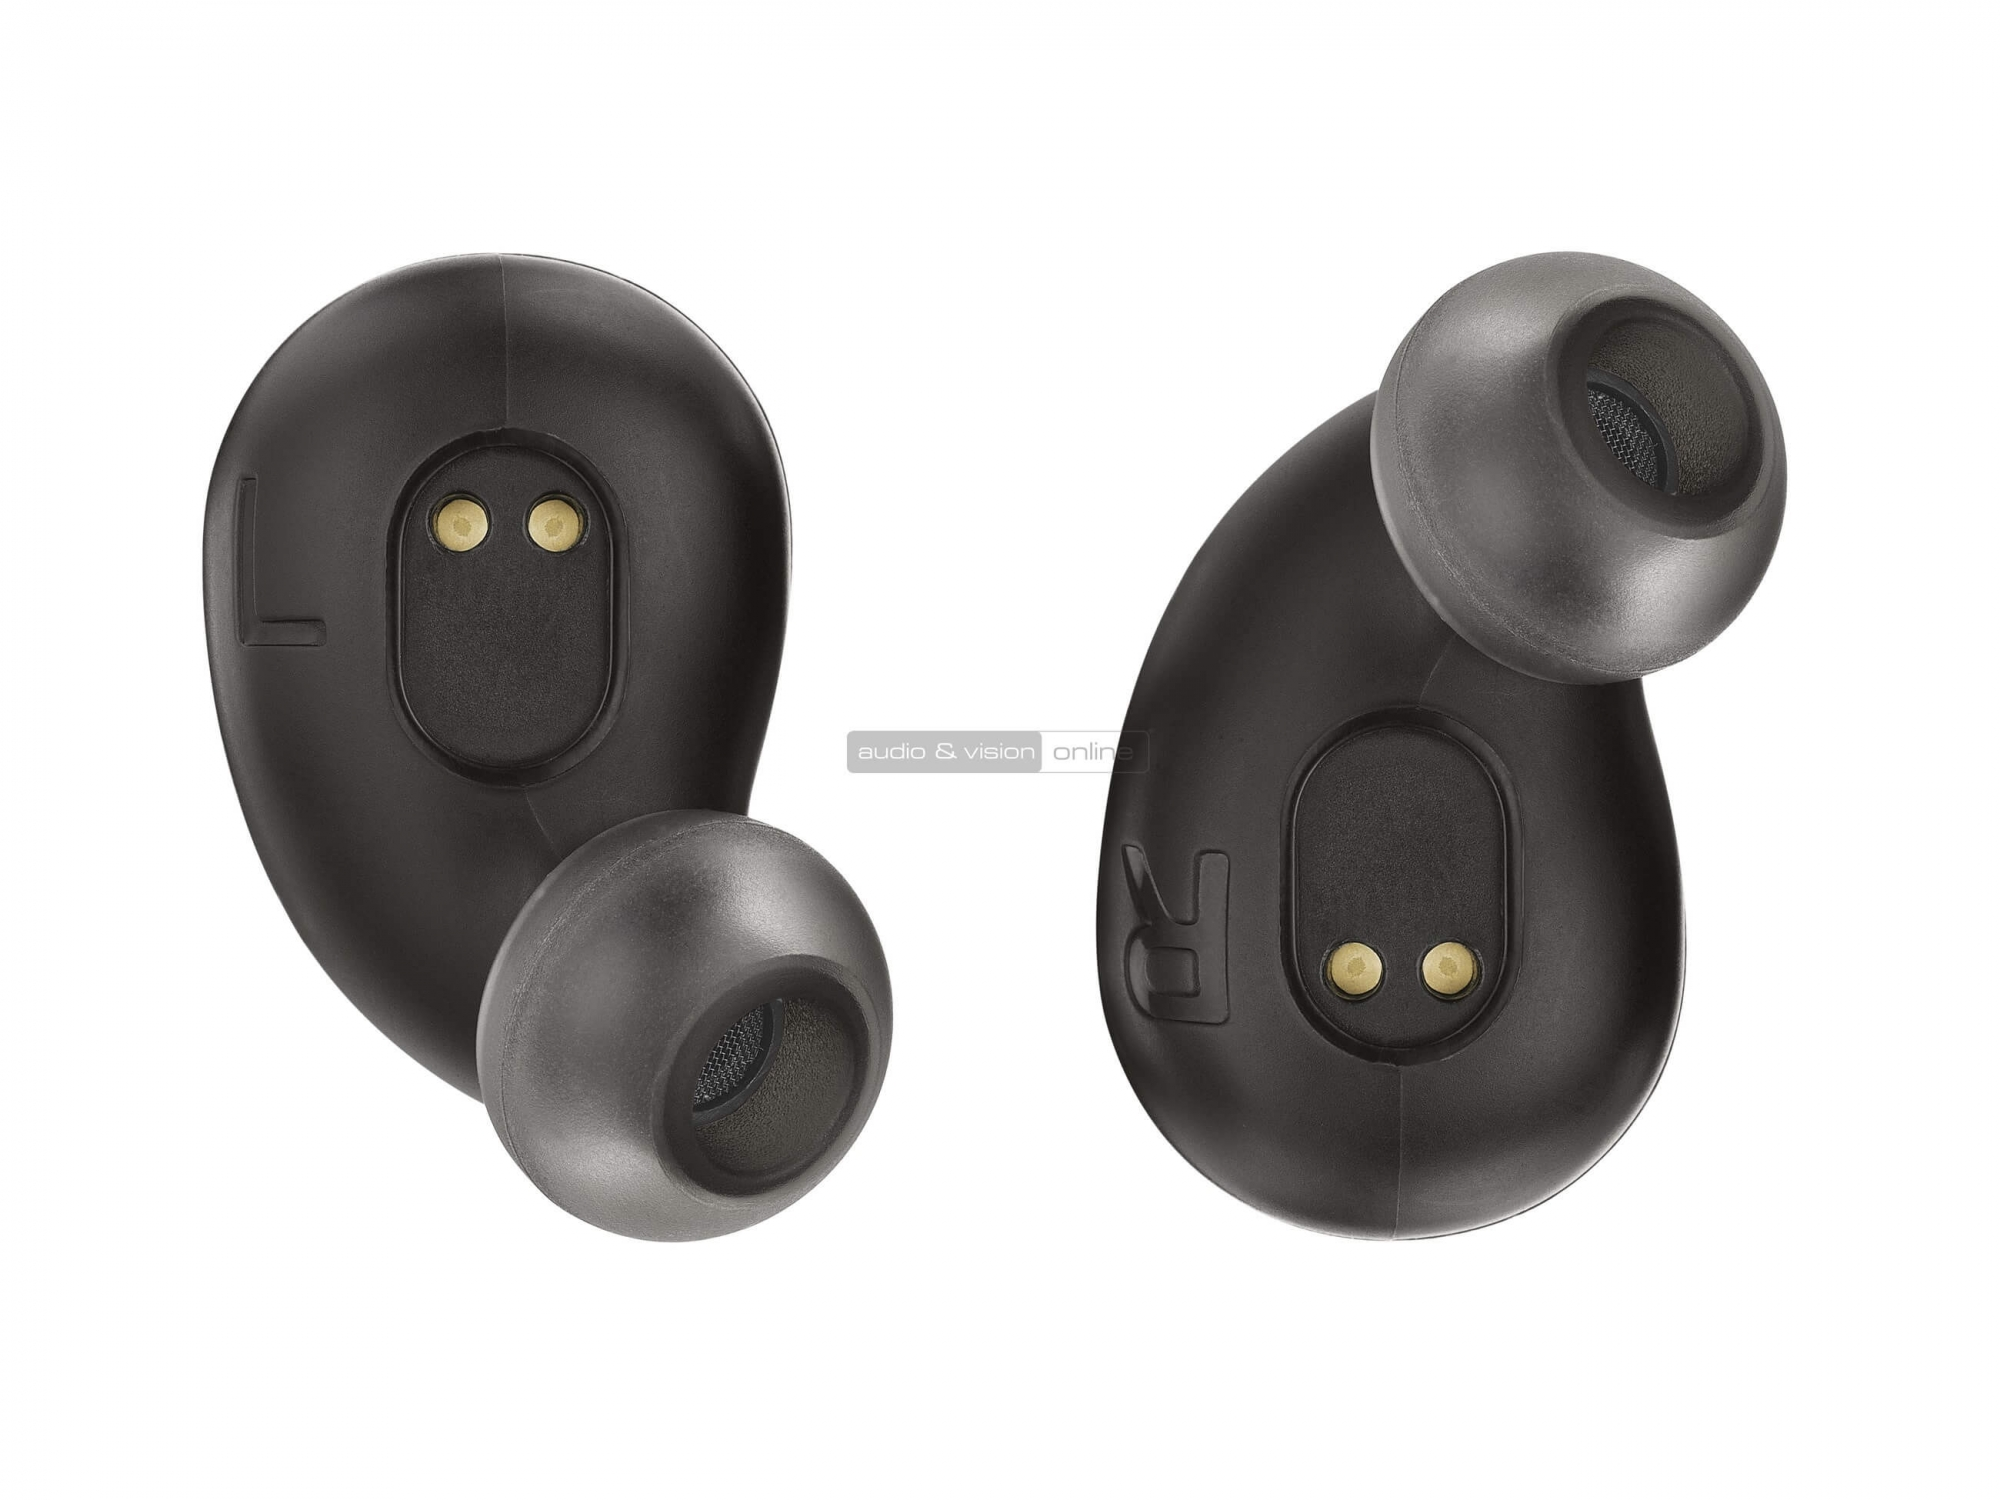 JBL Free Bluetooth fülhallgató. Kattints ... 08c5c7e1b8